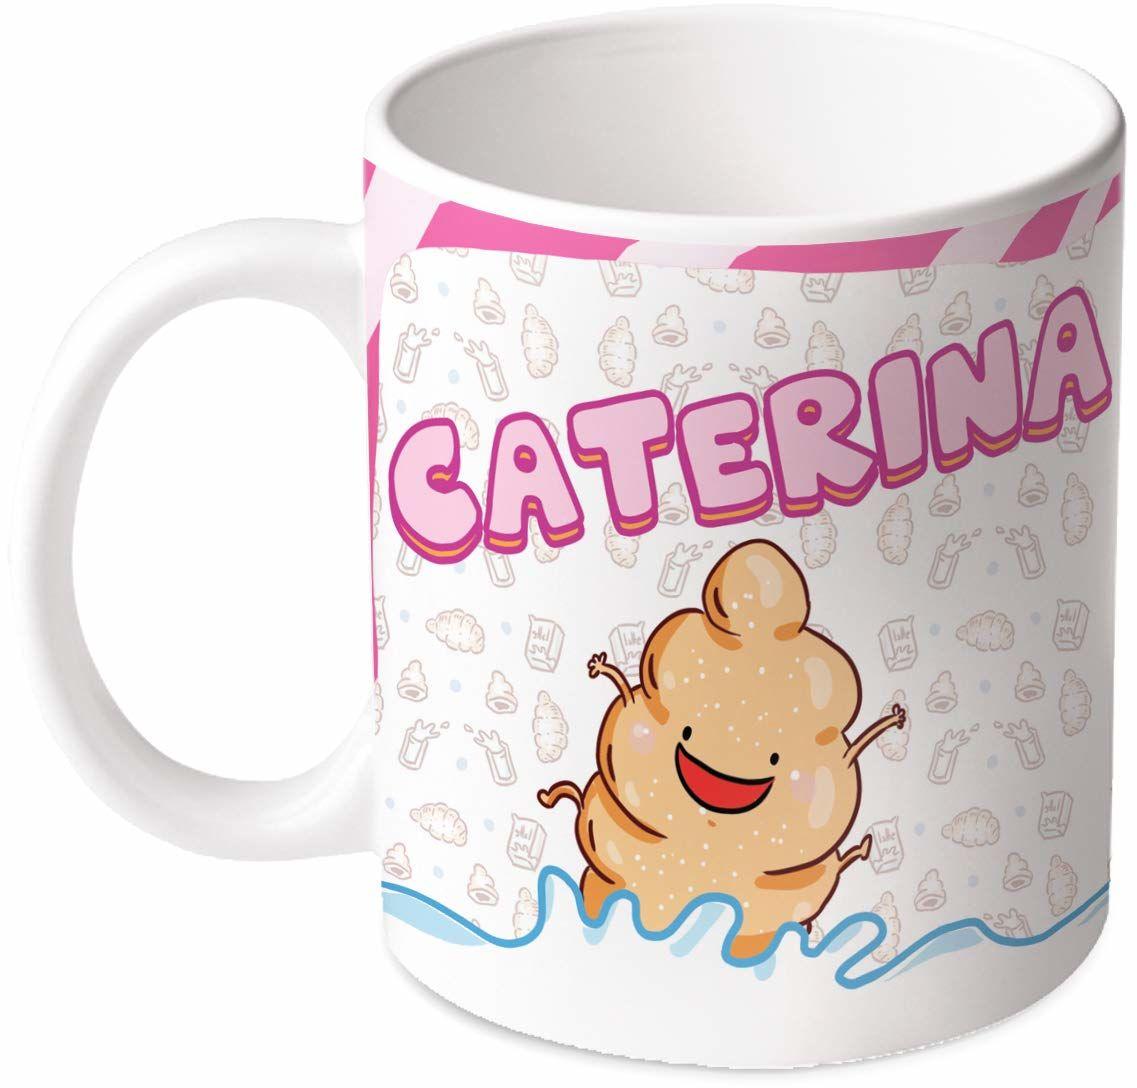 M.M. Group Filiżanka z imieniem i znaczeniem Caterina, 35 ml, ceramika, wielokolorowa